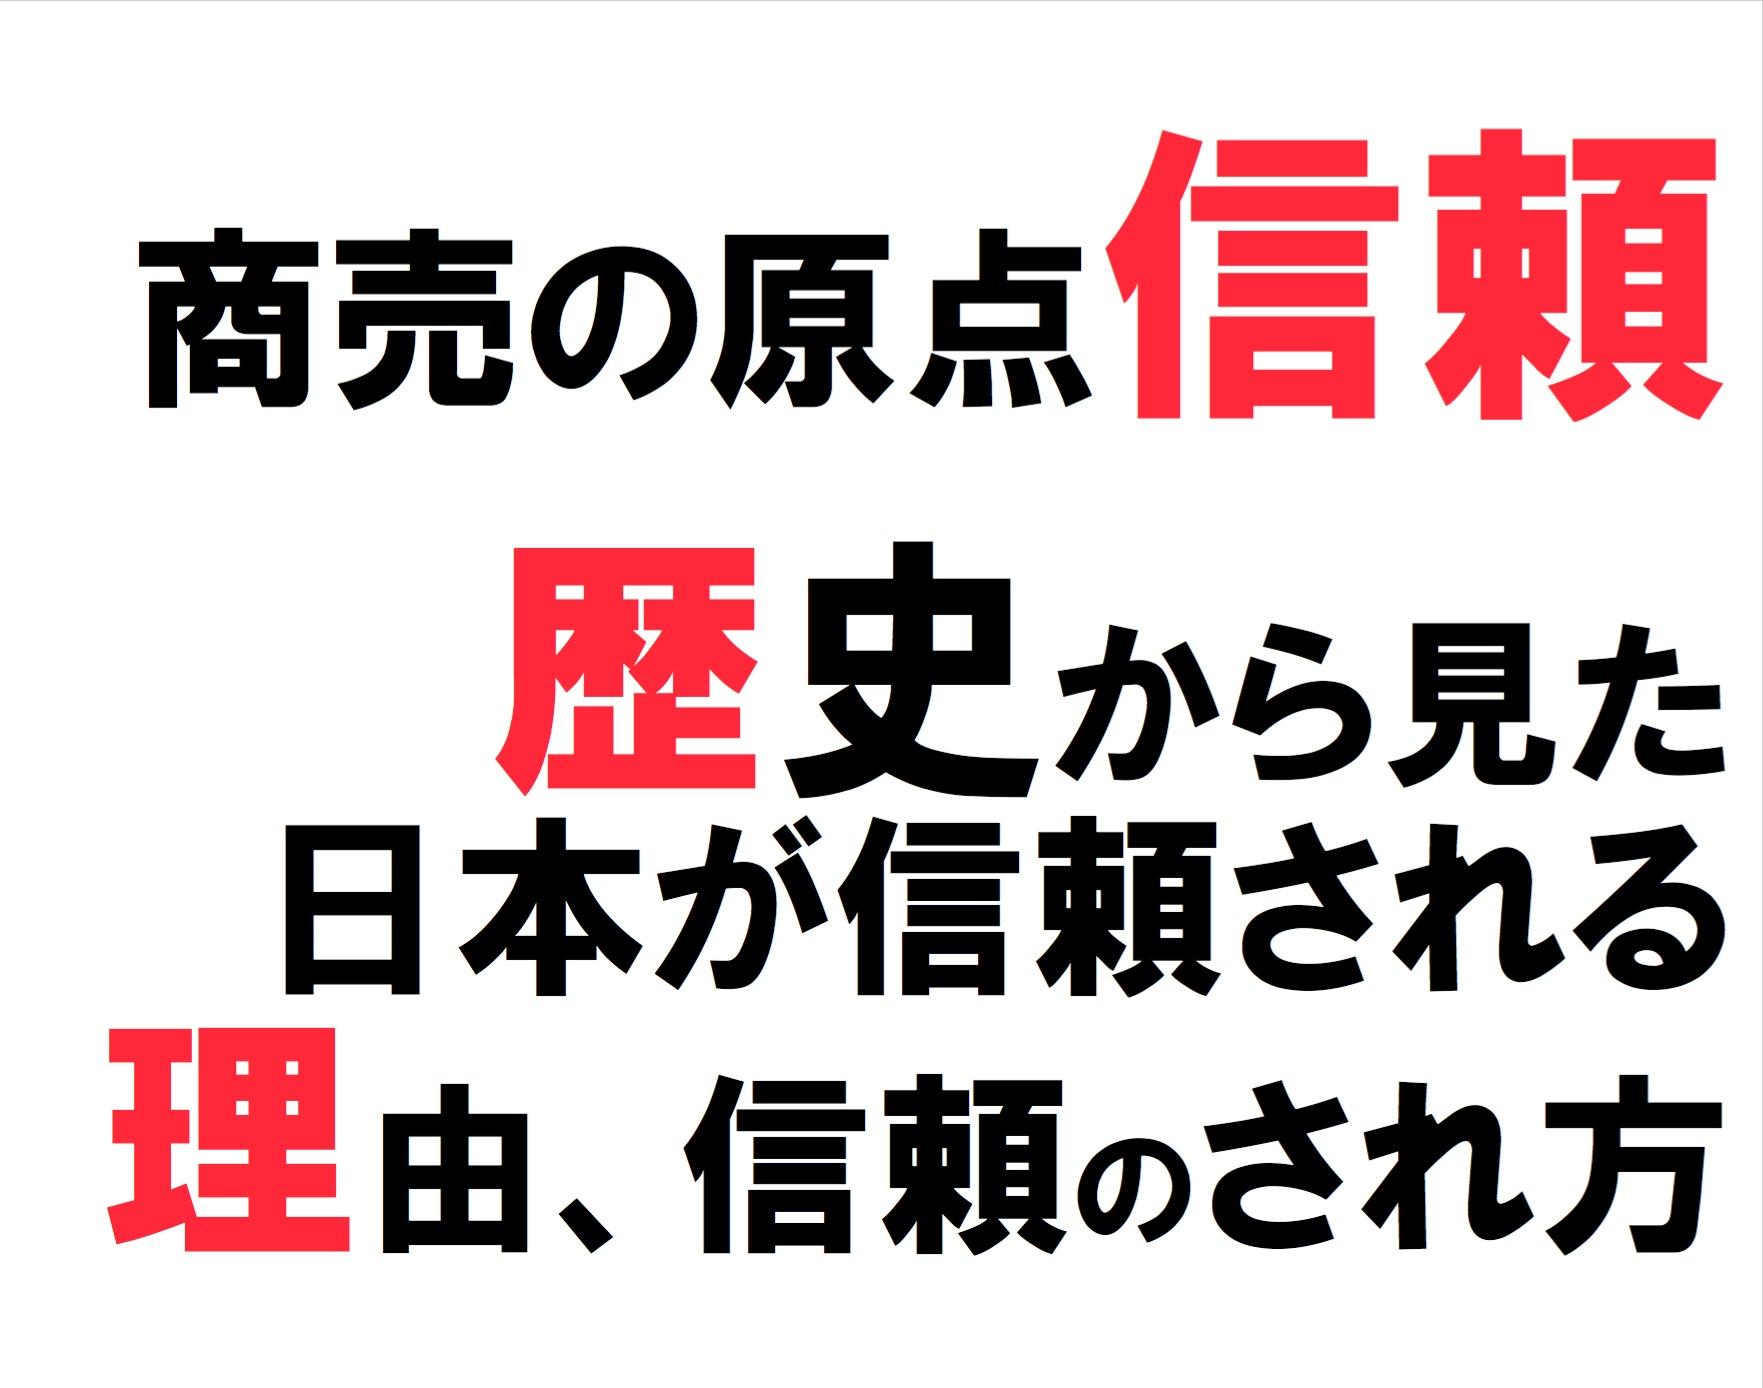 2013年10月ビジネスサークル『 徳 』~商売の原点 信頼。日本の歴史から見た、日本が信頼される理由、信頼のされ方~